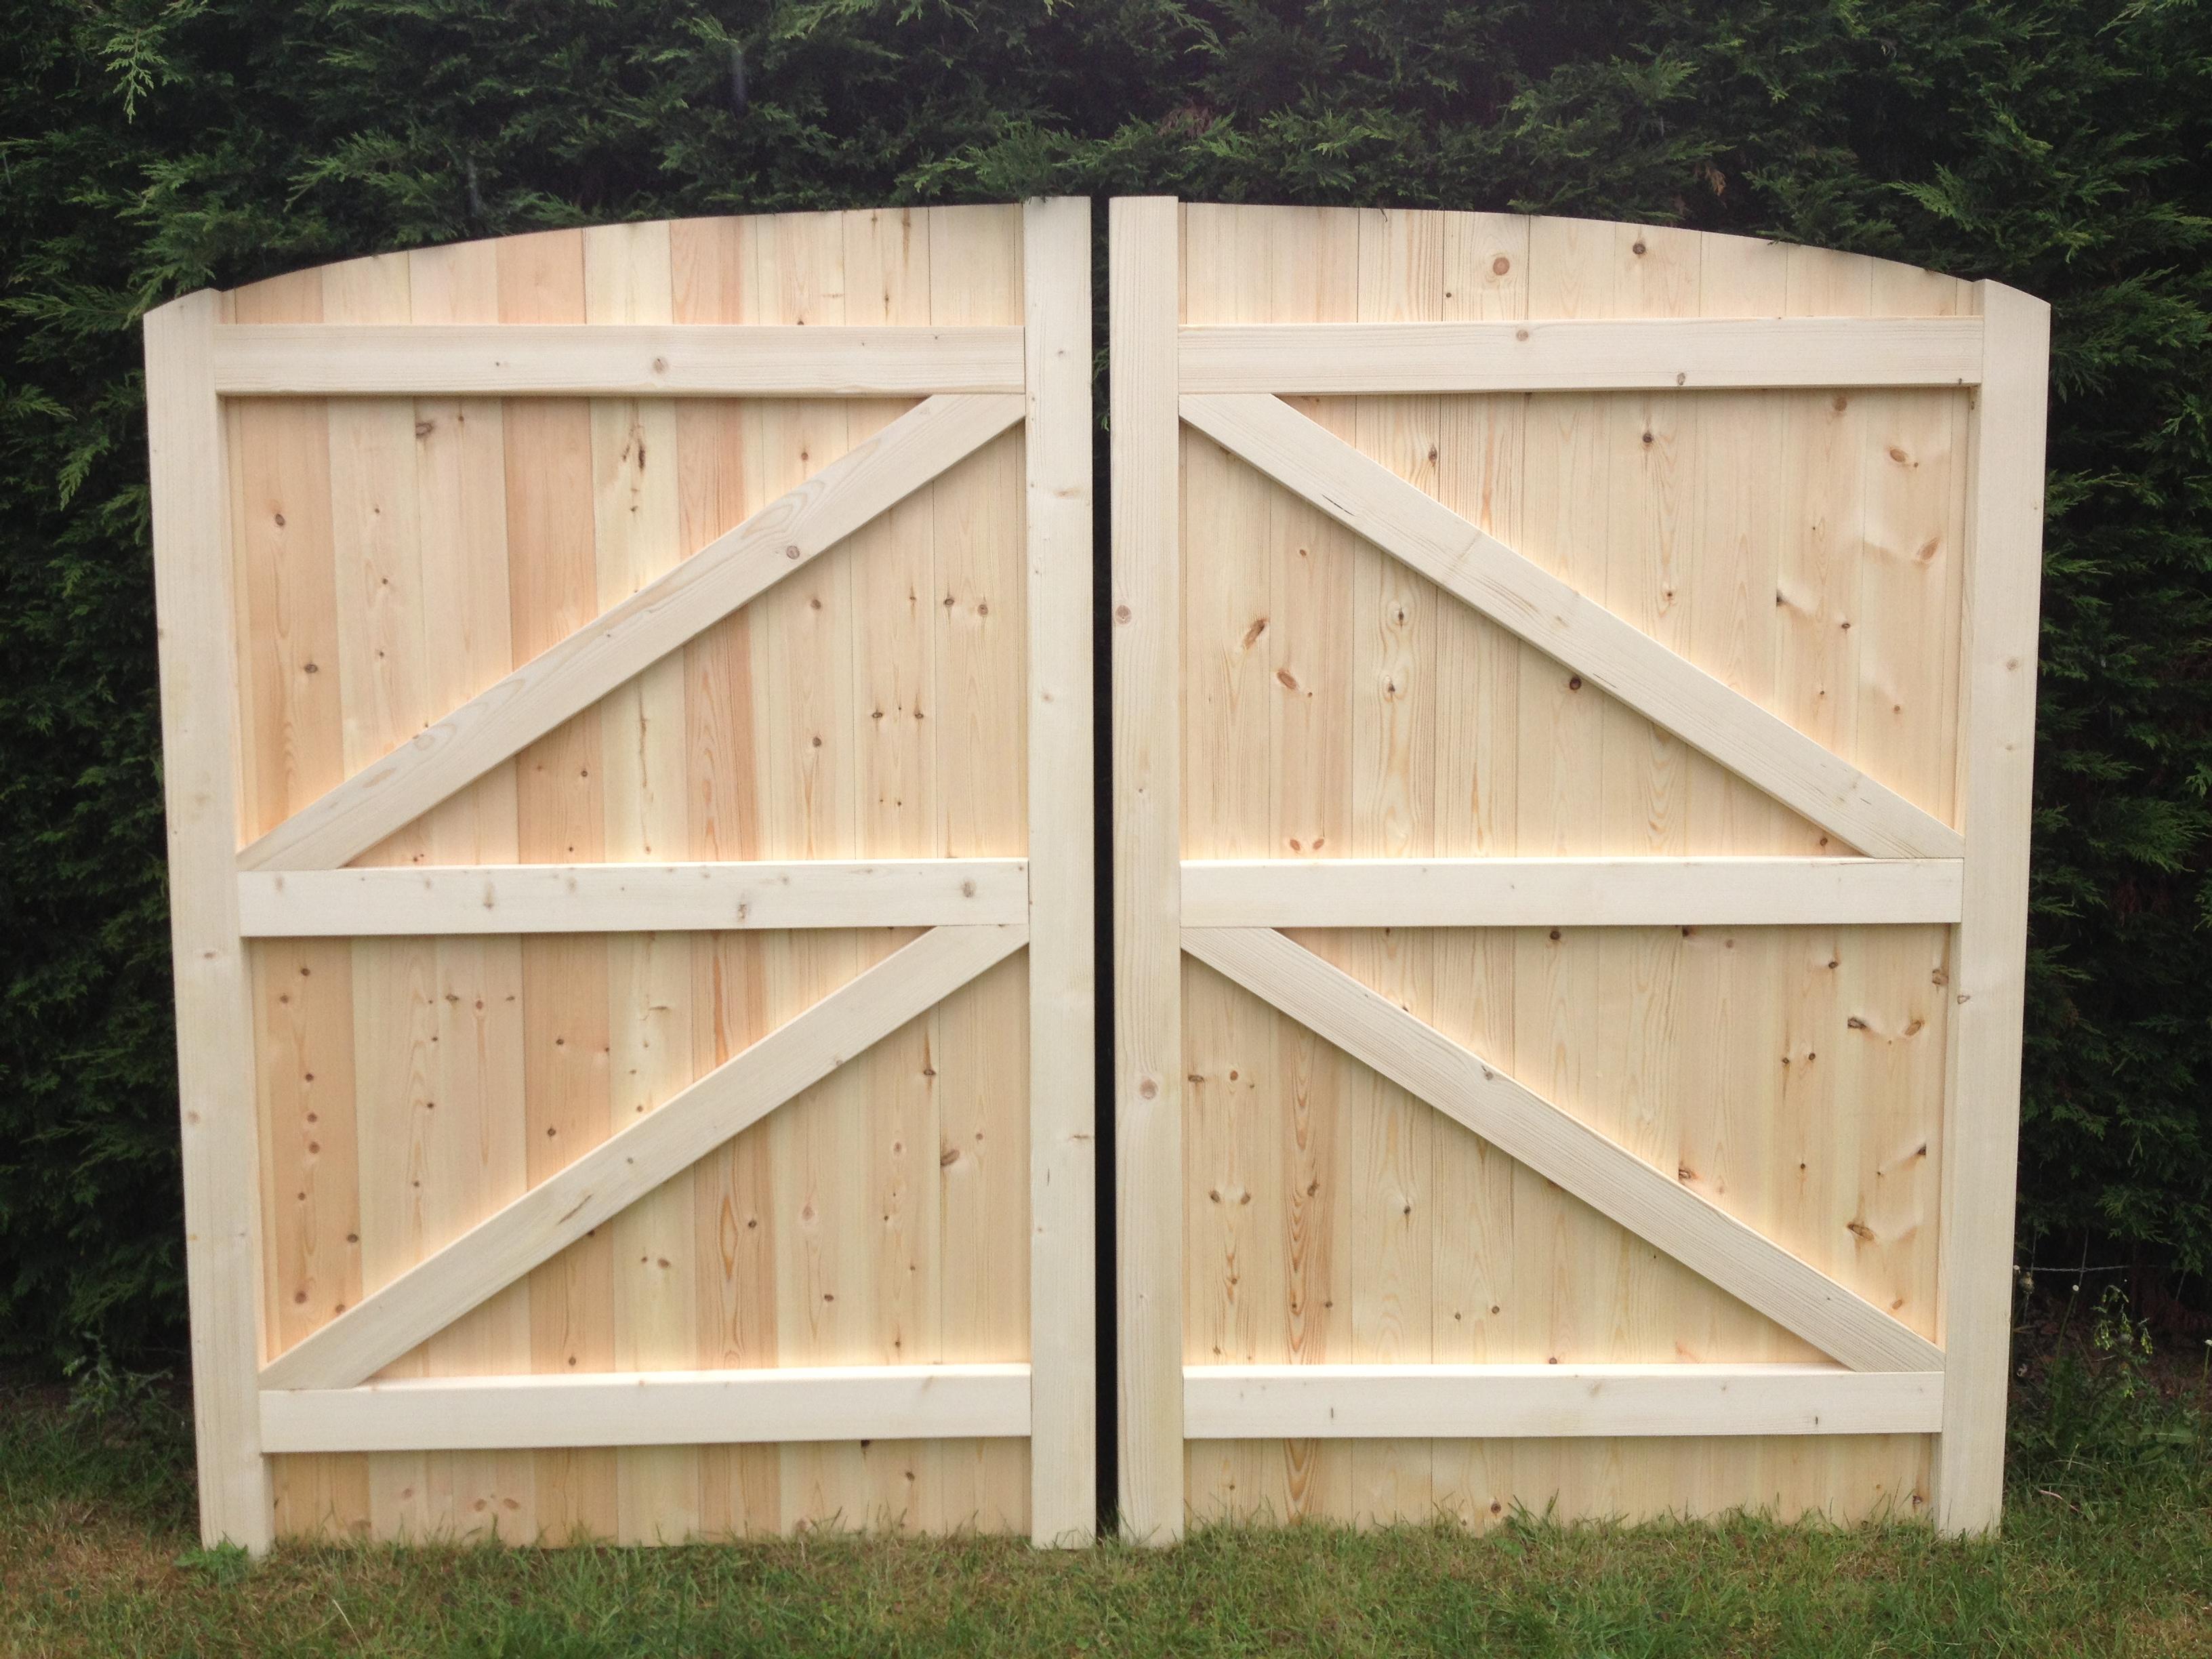 Wooden Driveway Gates 12ft Span